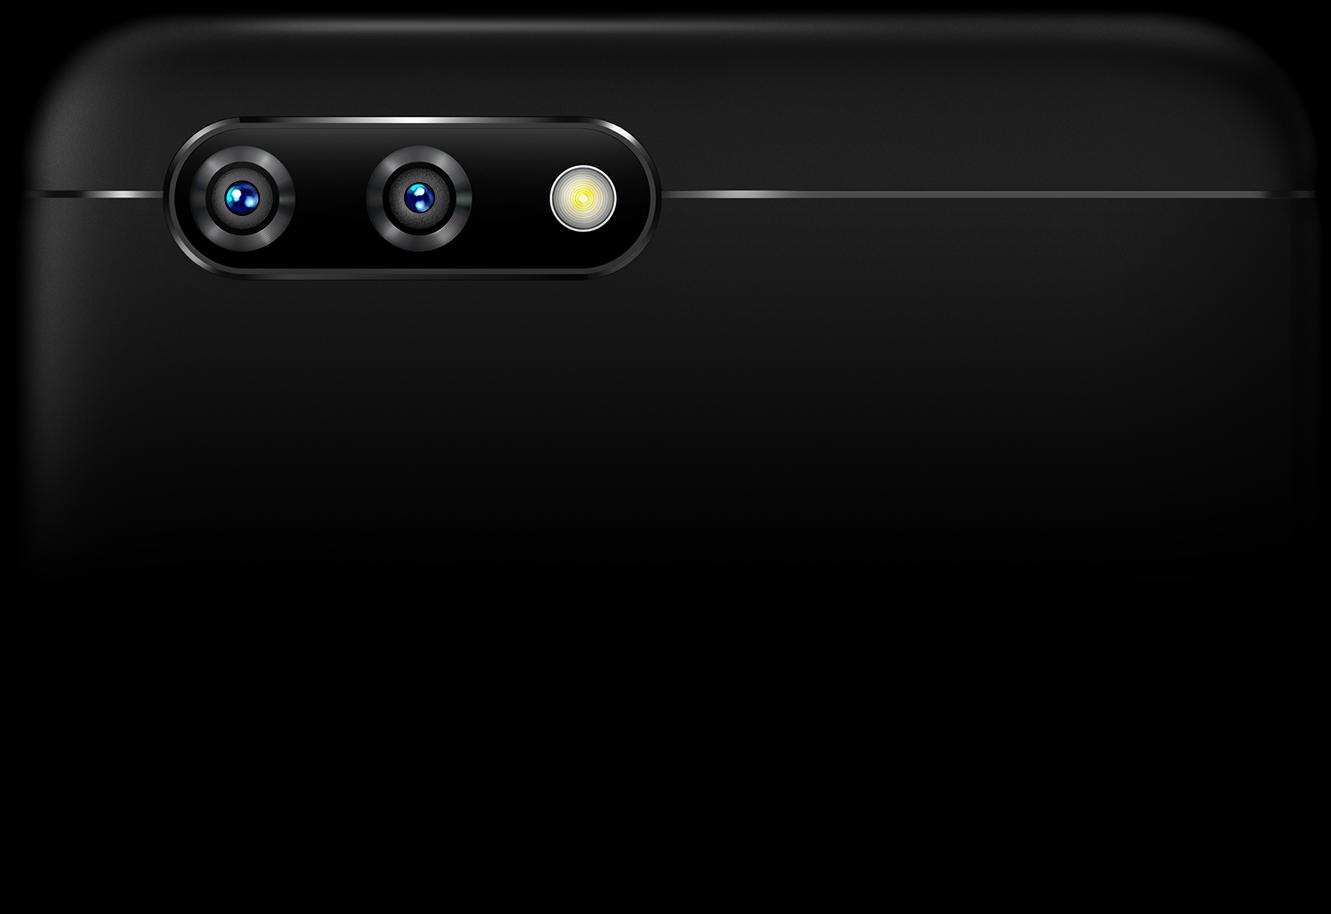 BLU Vivo X | A Higher Standard